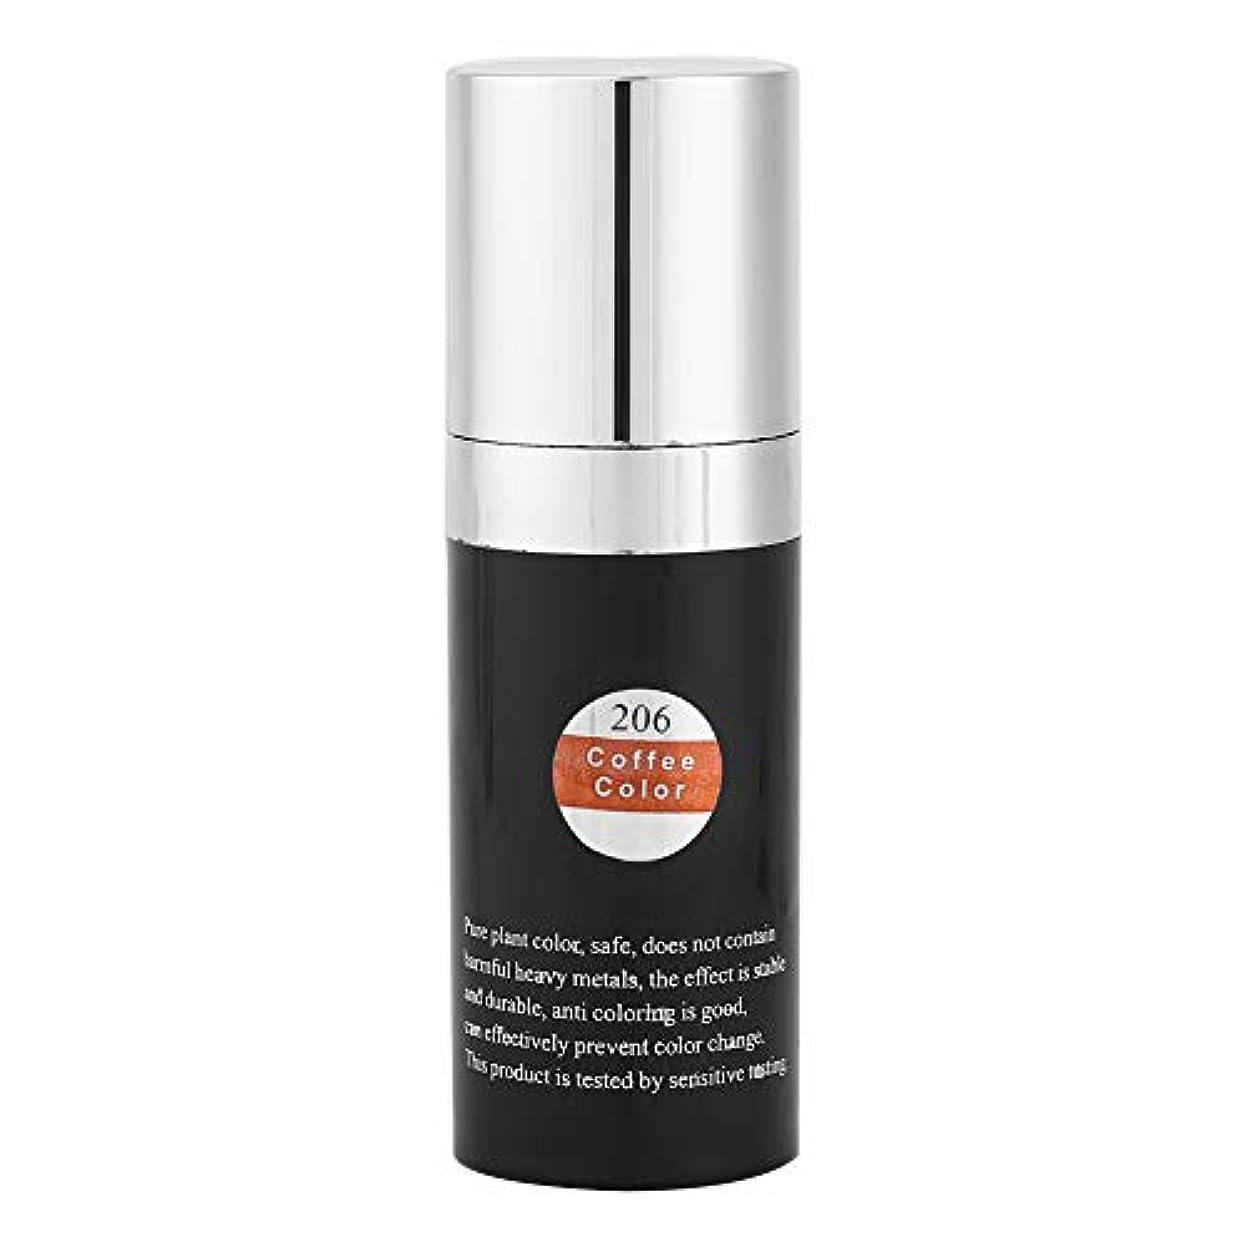 スプレーラインナップより良い6色顔料の入れ墨、有機性植物の顔料インク眉毛の唇の目ライン永久的な色の構造の入れ墨の化粧品インク(コーヒー)